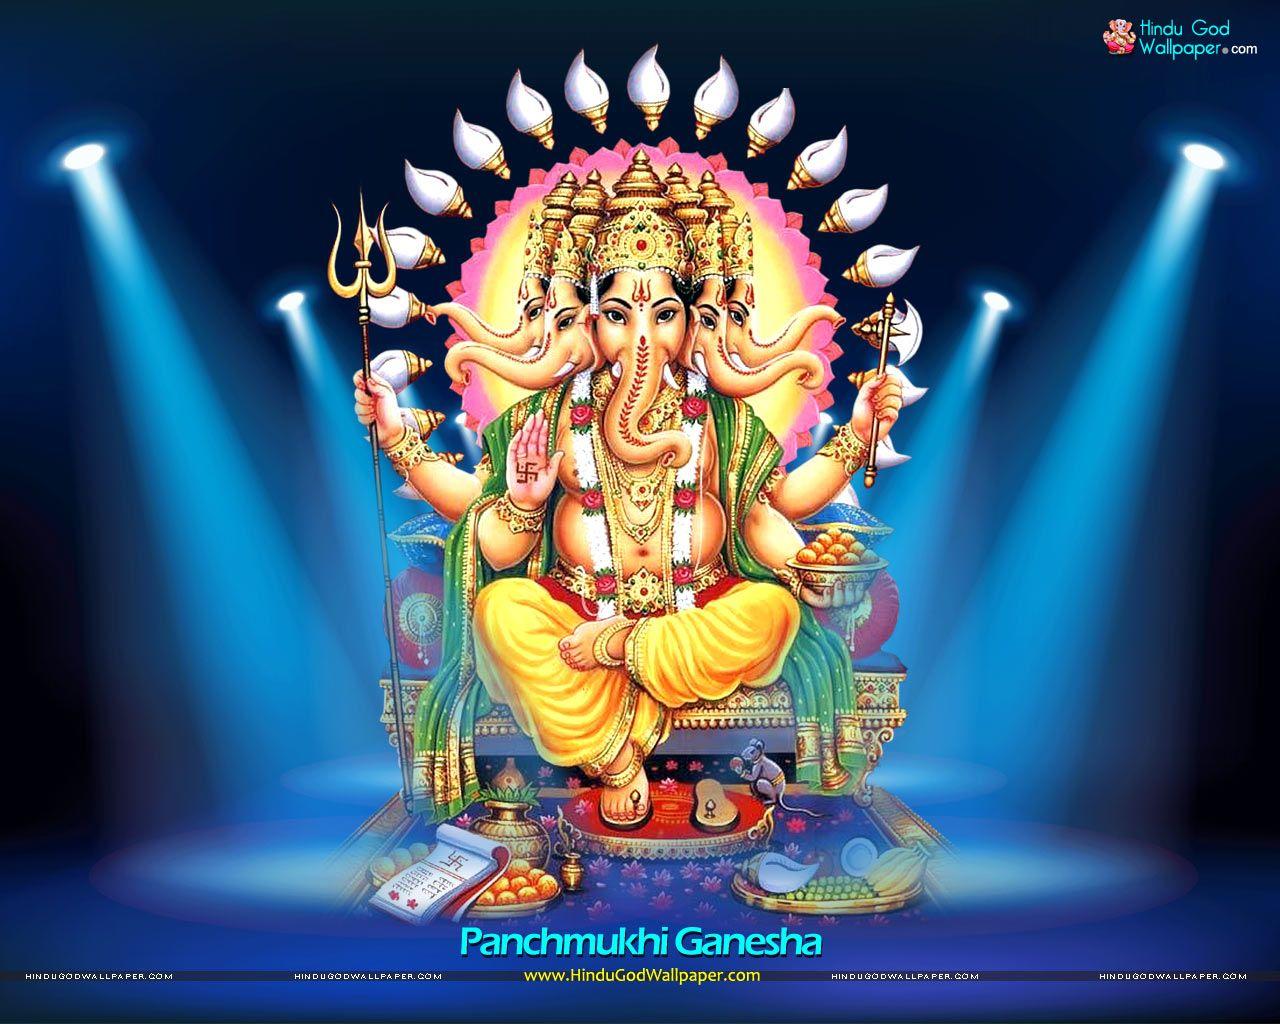 Pen Ganesh Murtidownload Hd: Five Head Ganesha Panchmukhi Wallpaper Free Download